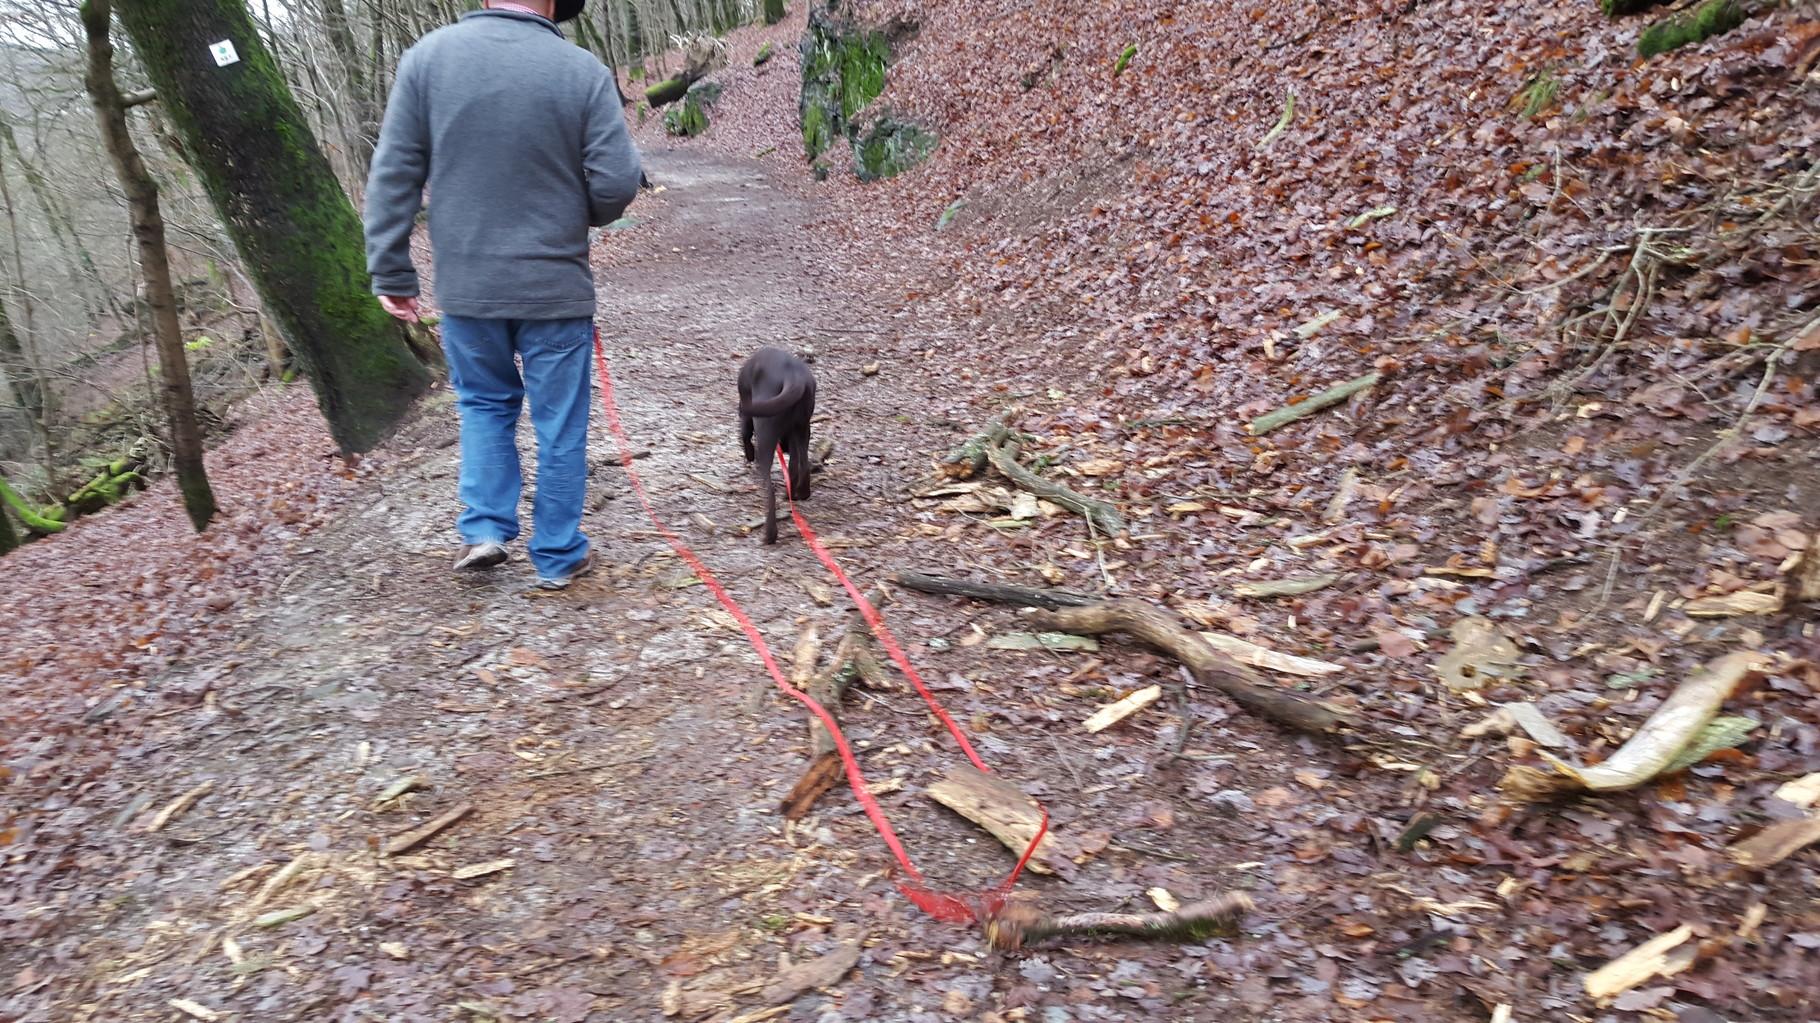 Spaziergang durch den Wald...Rundweg um die Burg...wie jetzt, ich darf das Stöckchen nicht mitnehmen. Schaaaaade!